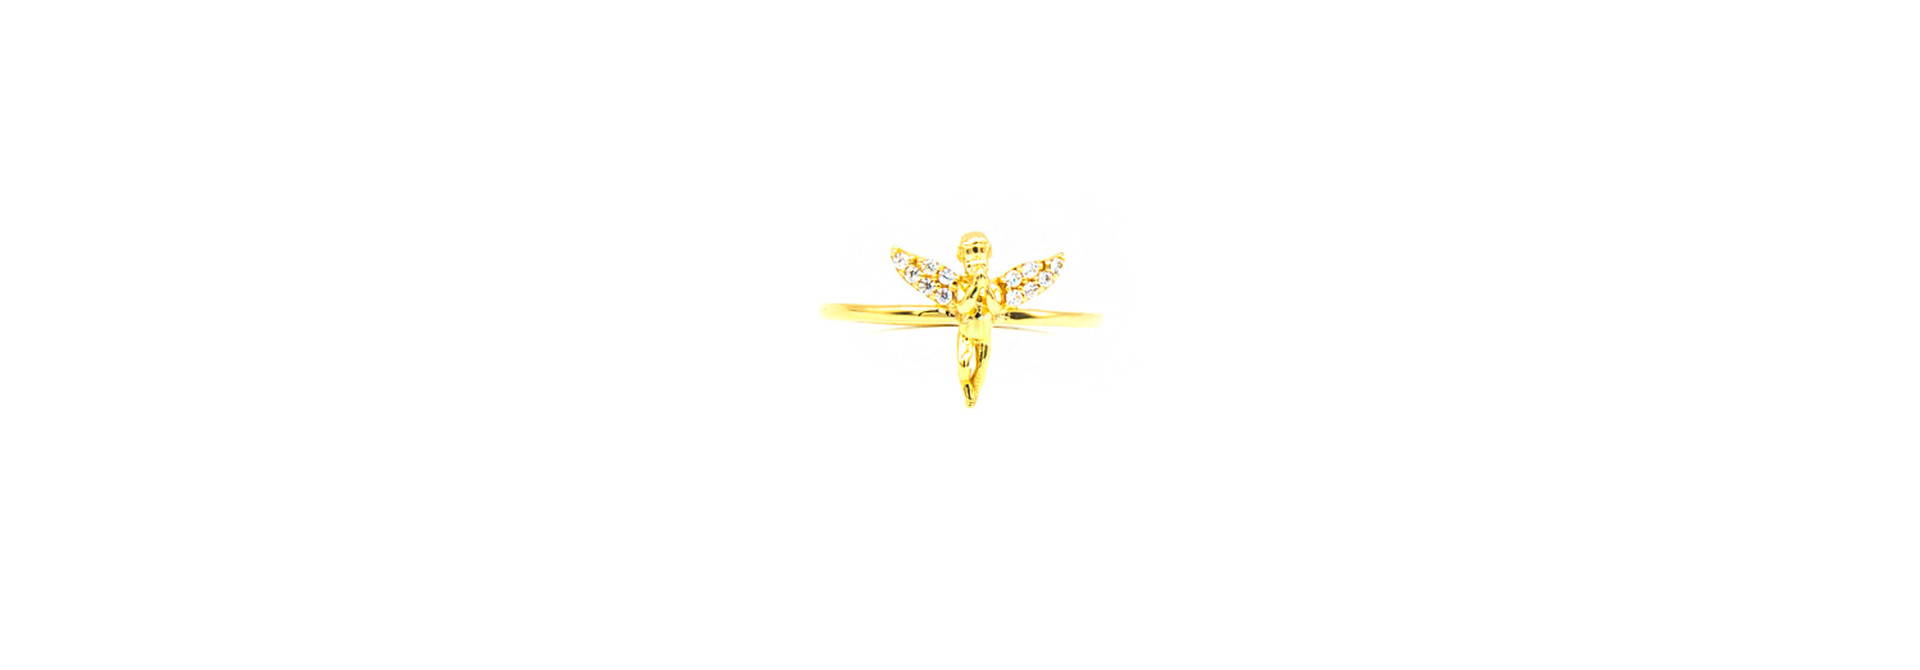 Ring engel bezet met zirkonia op de vleugels